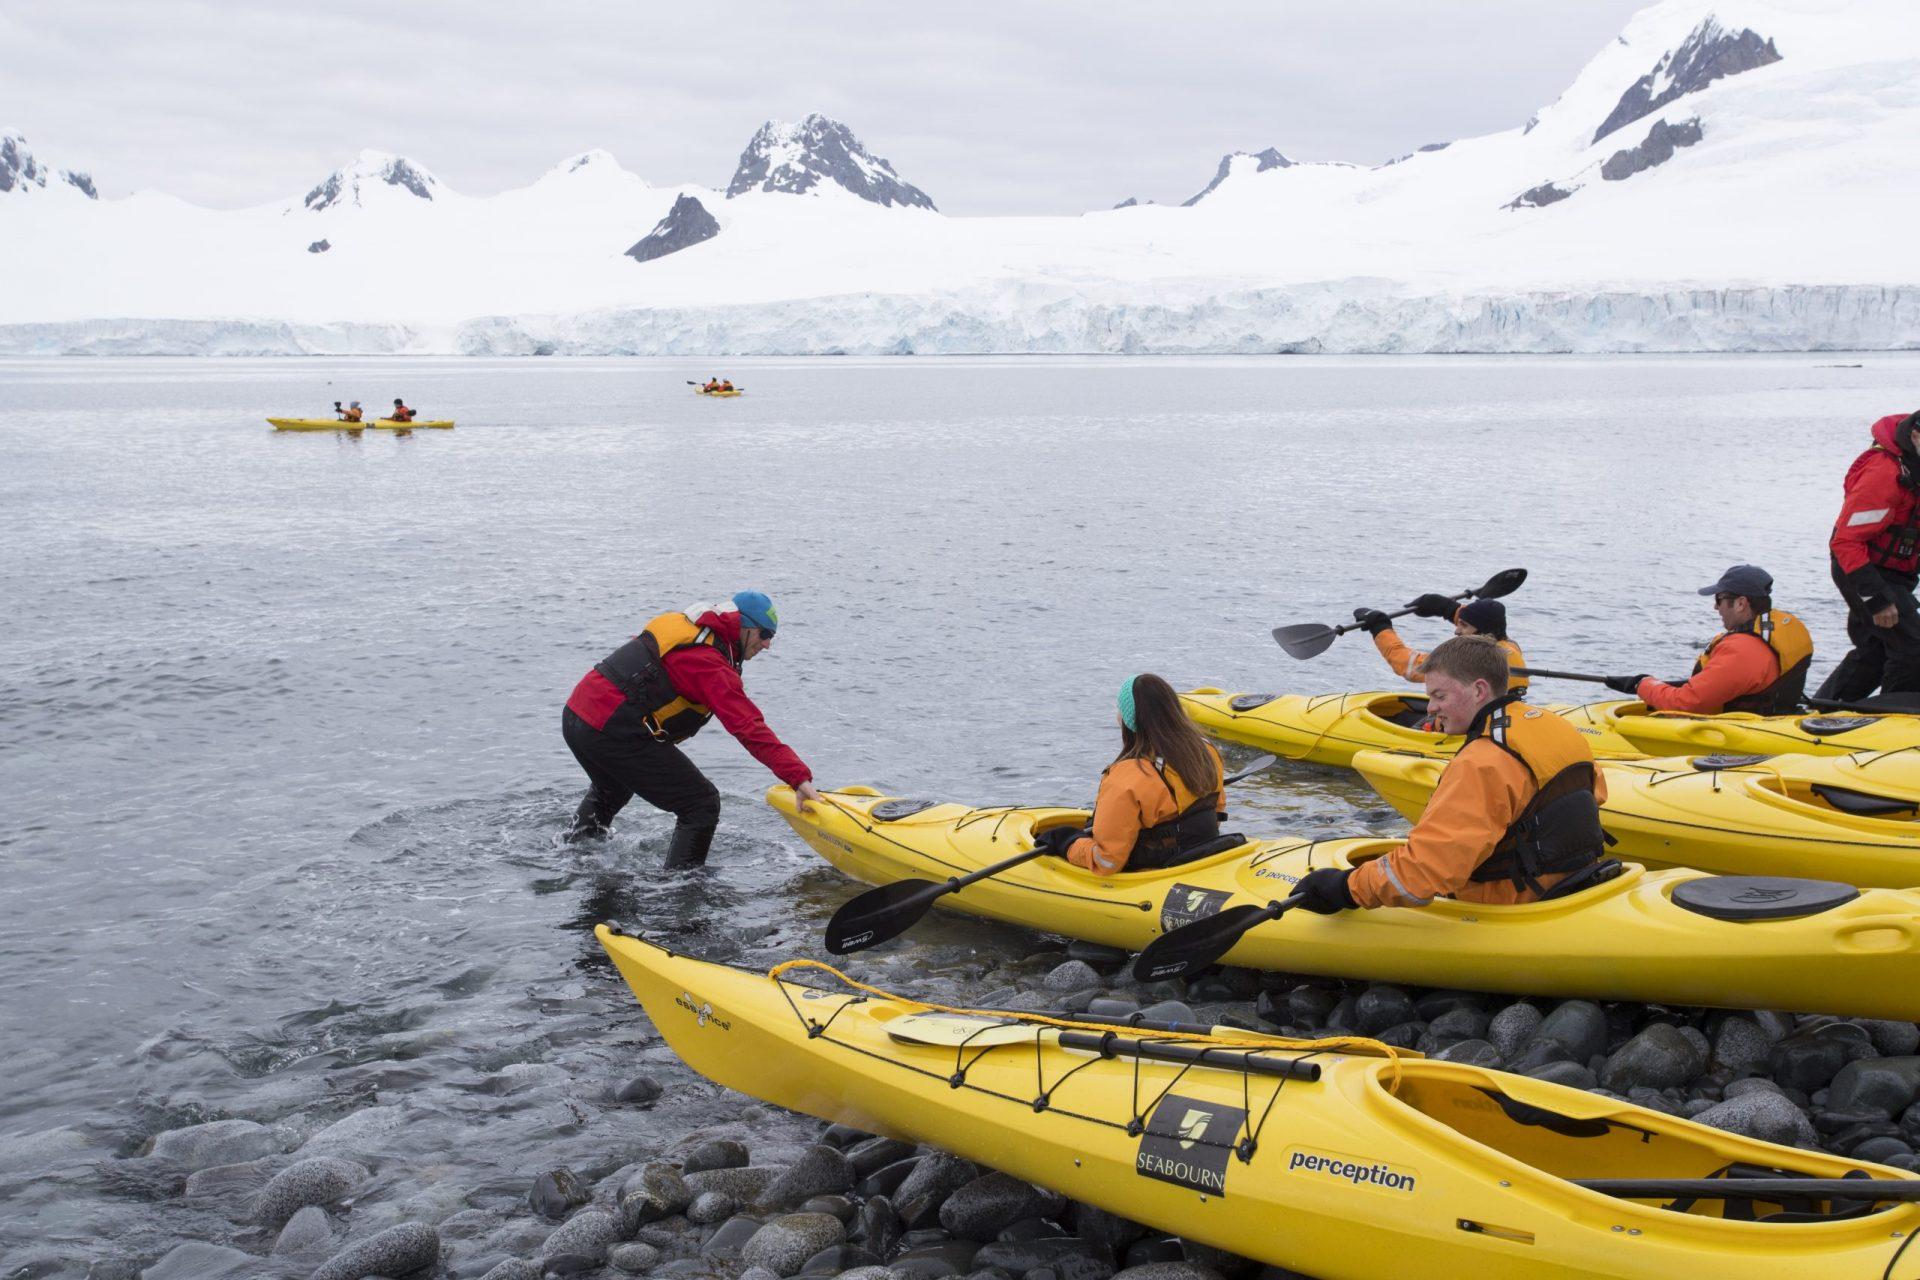 SBN-RSAY17-Kayaking Demonstration with Crew at Half Moon Island-Antarctica